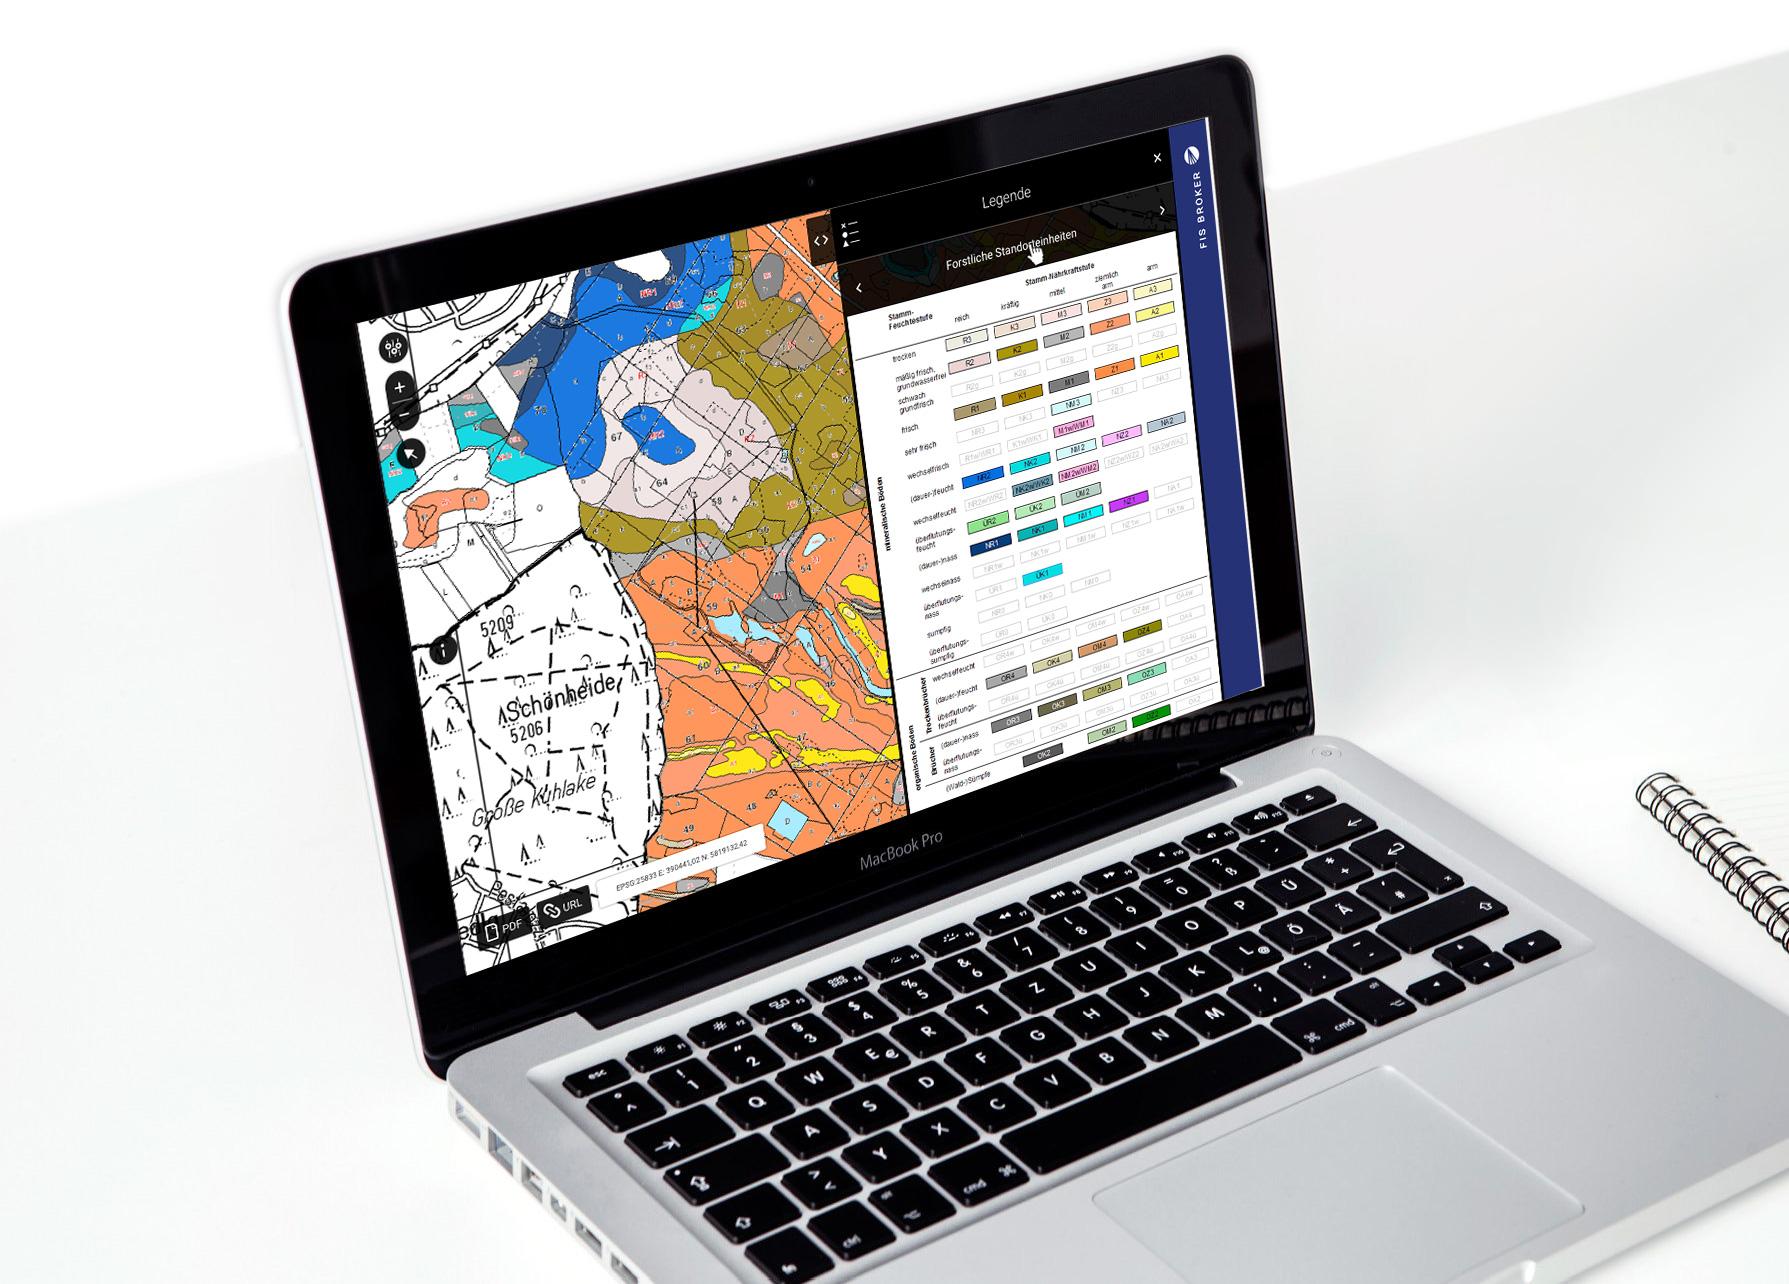 Laptop, bunter Kartenausschnitt